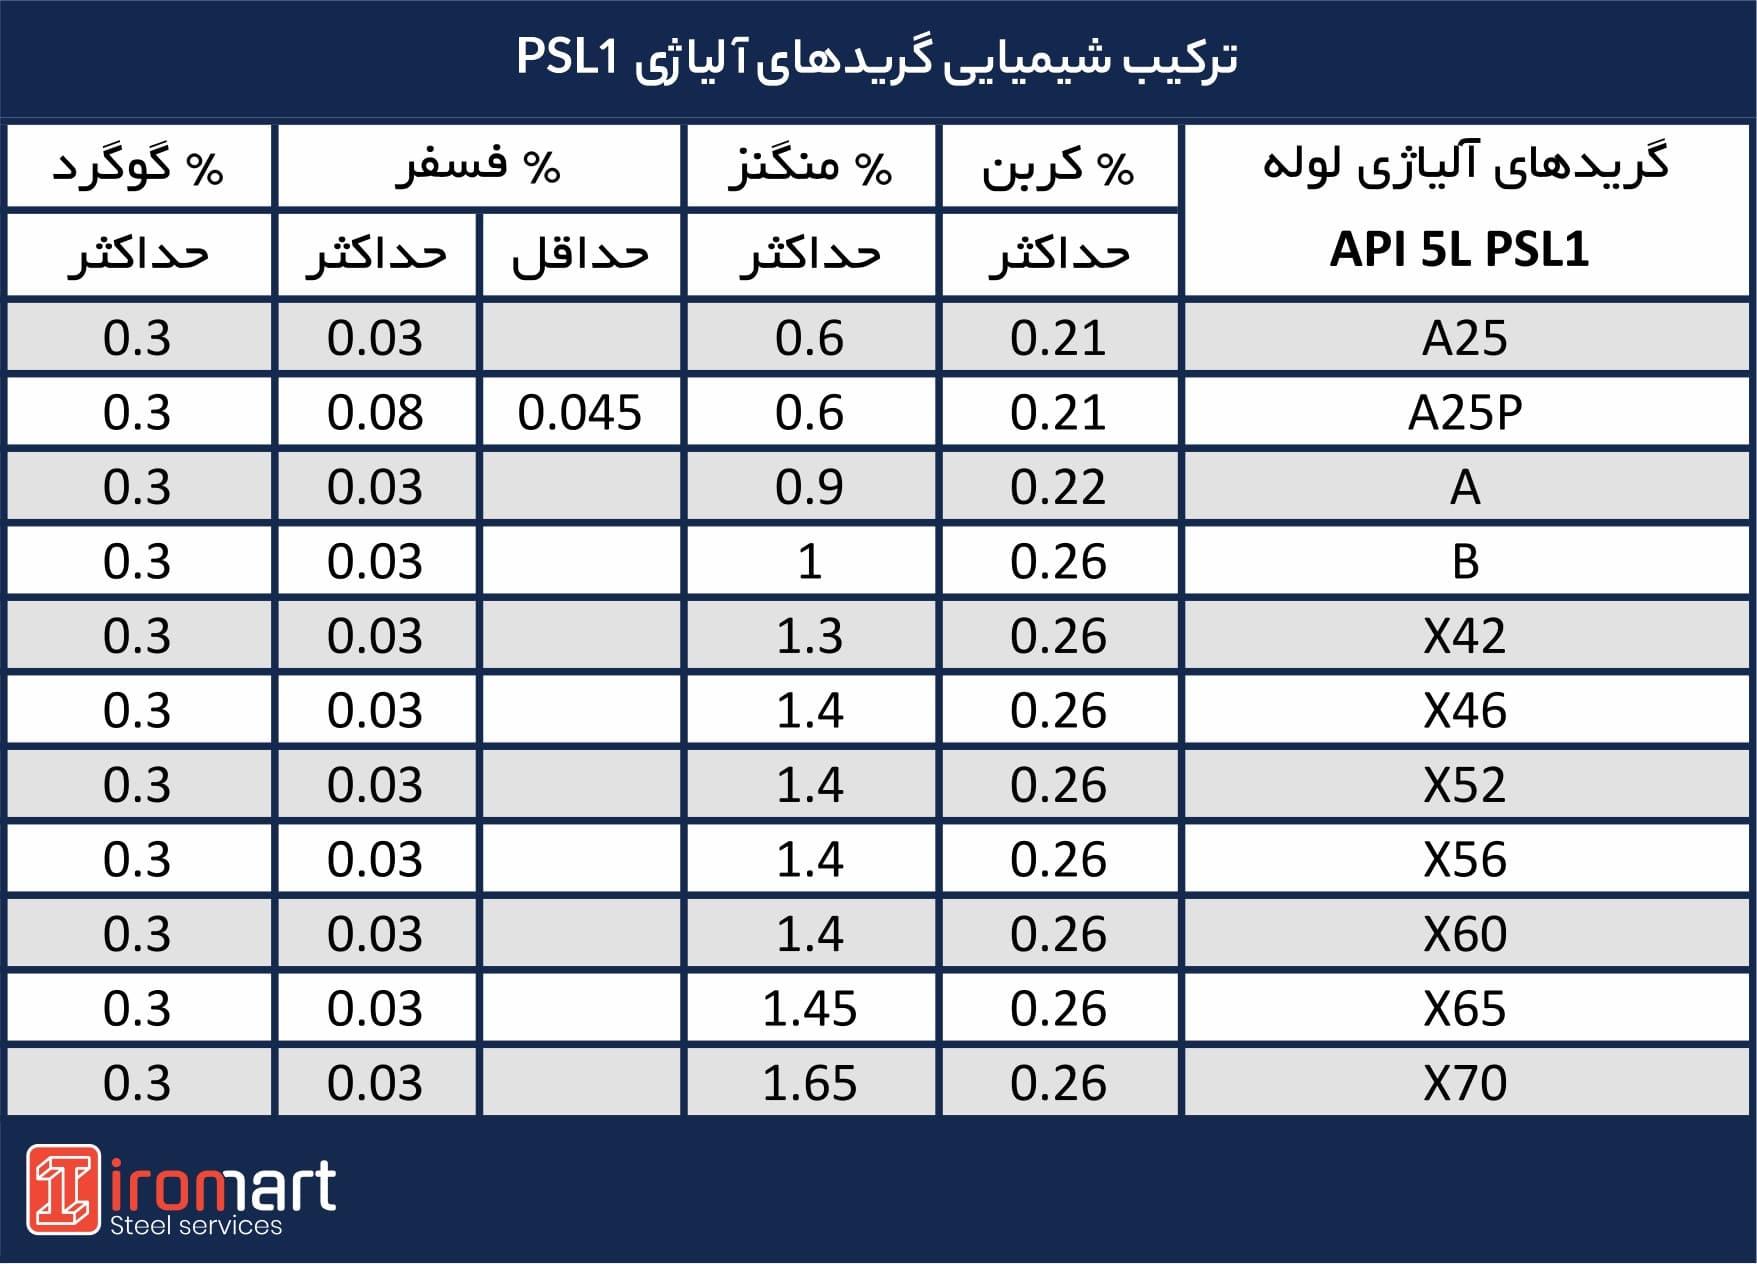 ترکیب شیمیایی گریدهای آلیاژی PSL1